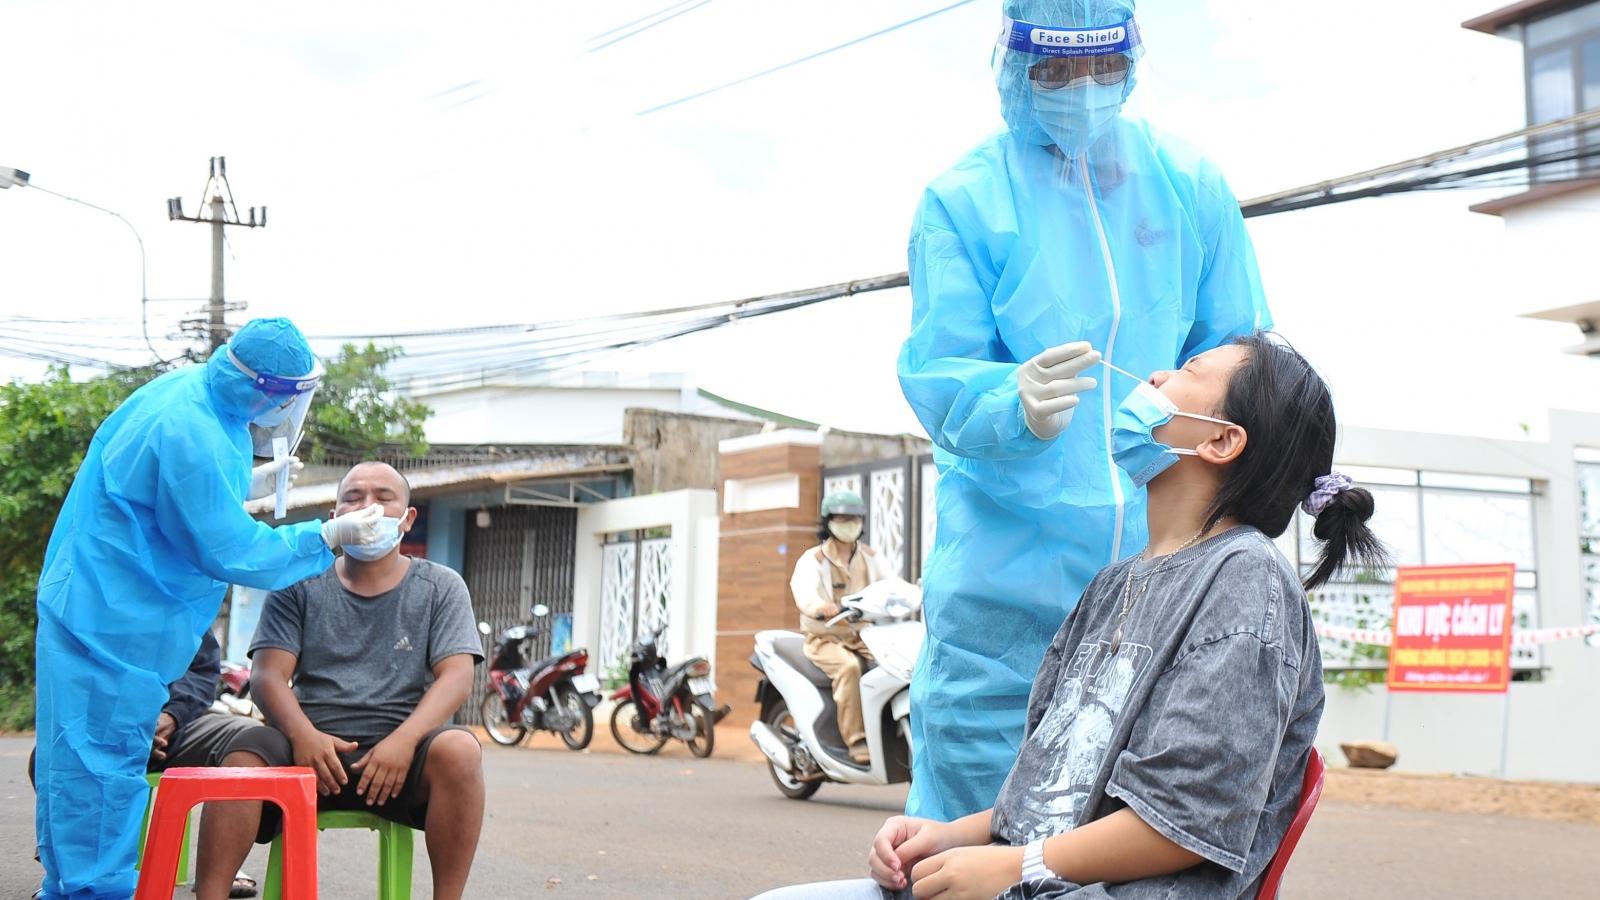 Nhiều ca cộng đồng, Đắk Lắk lên phương án test nhanh cho người dân Buôn Ma Thuột